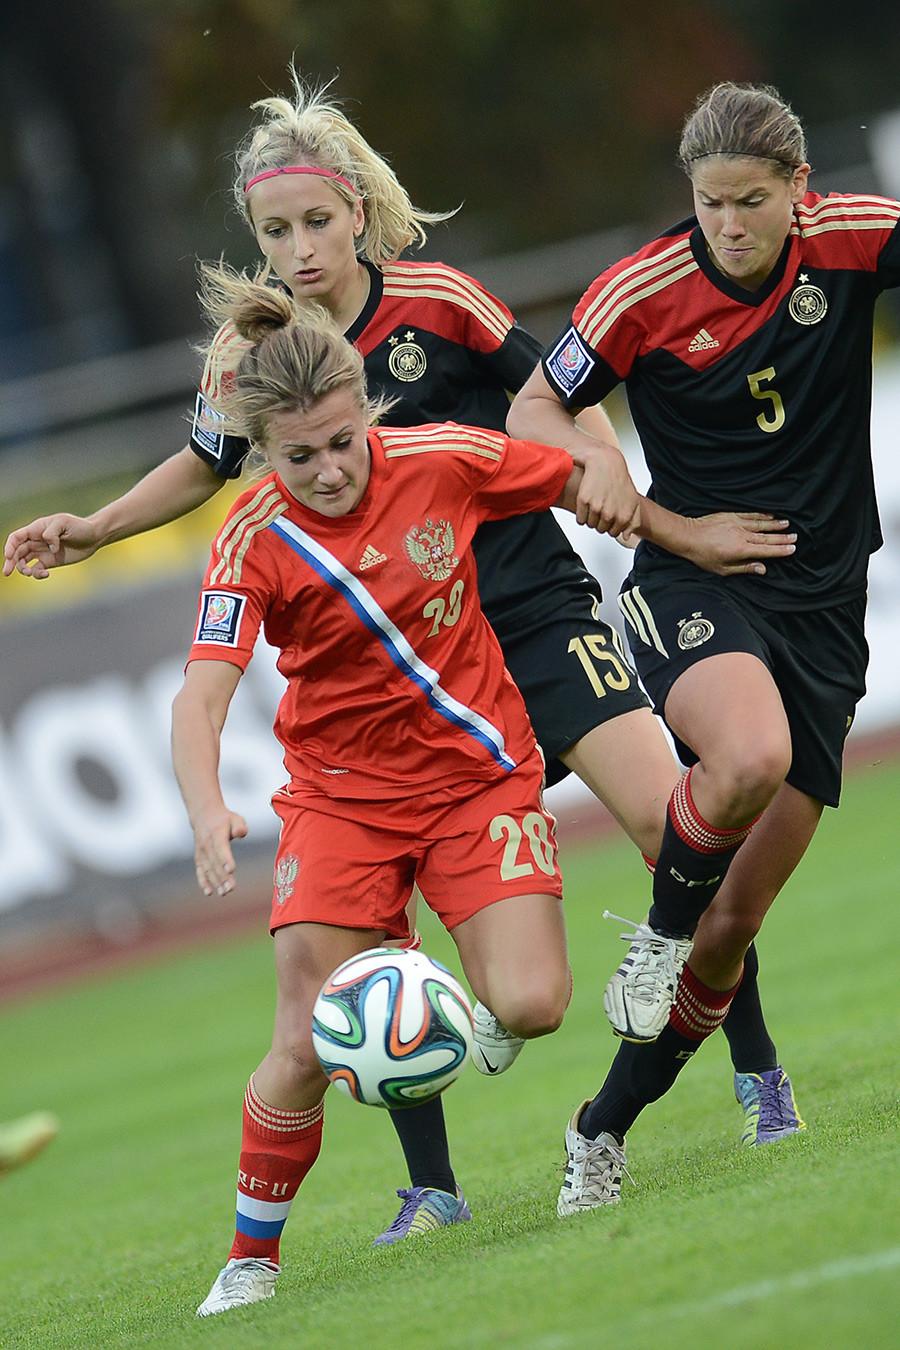 Jogo de qualificação entre Alemanha e Rússia para Copa do Mundo Feminina 2015. Da esq. para dir.: Nelli Korovkina (Rússia), Kathrin Hendrich (Alemanha) e Annike Krahn (Alemanha).